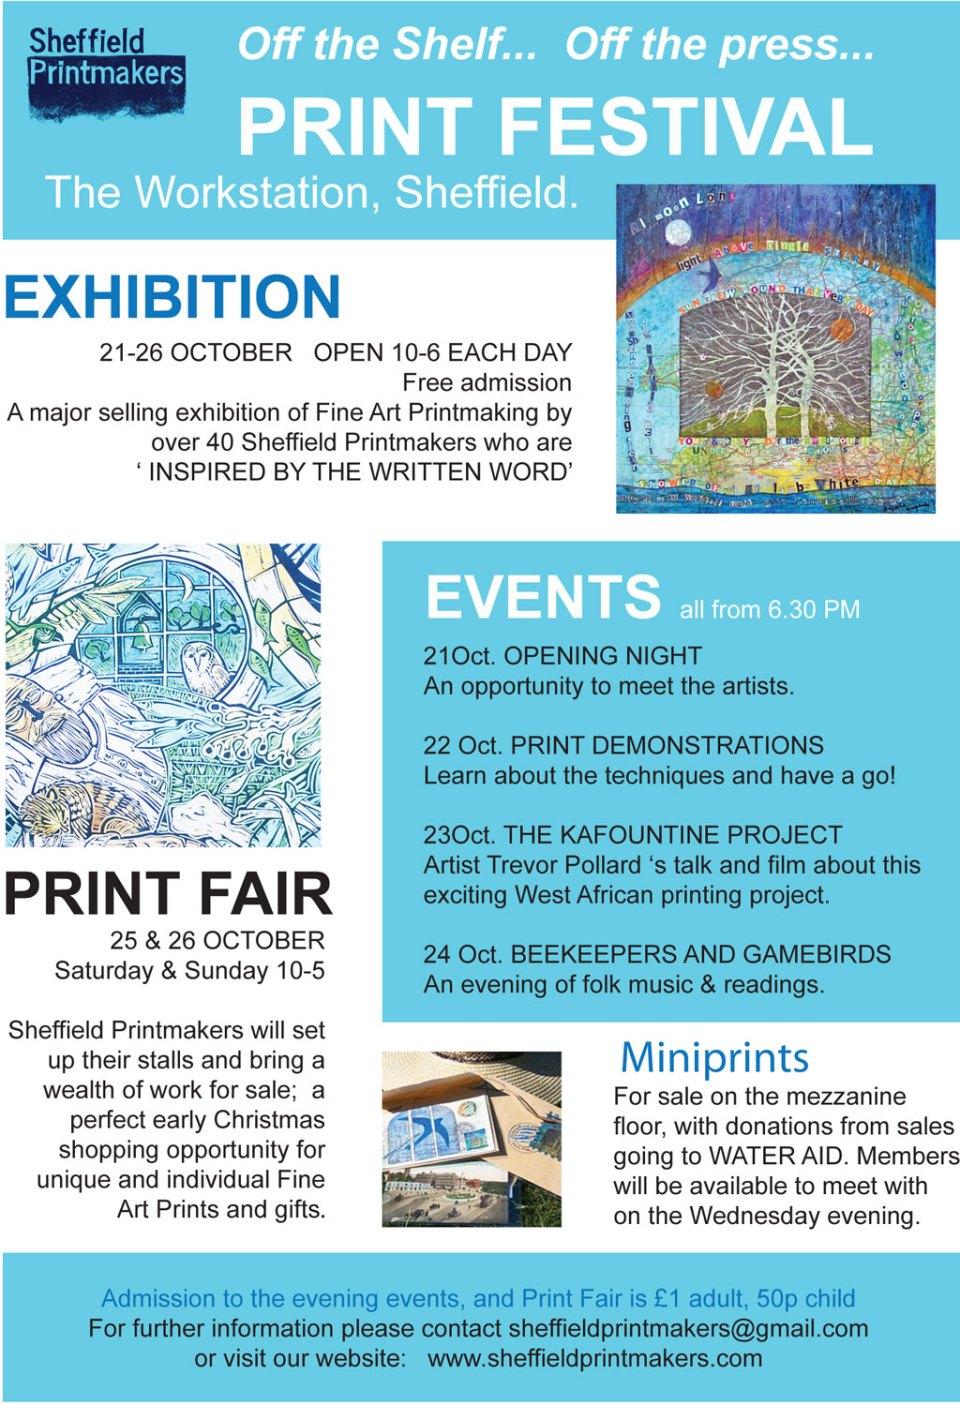 festival-leaflet-2014